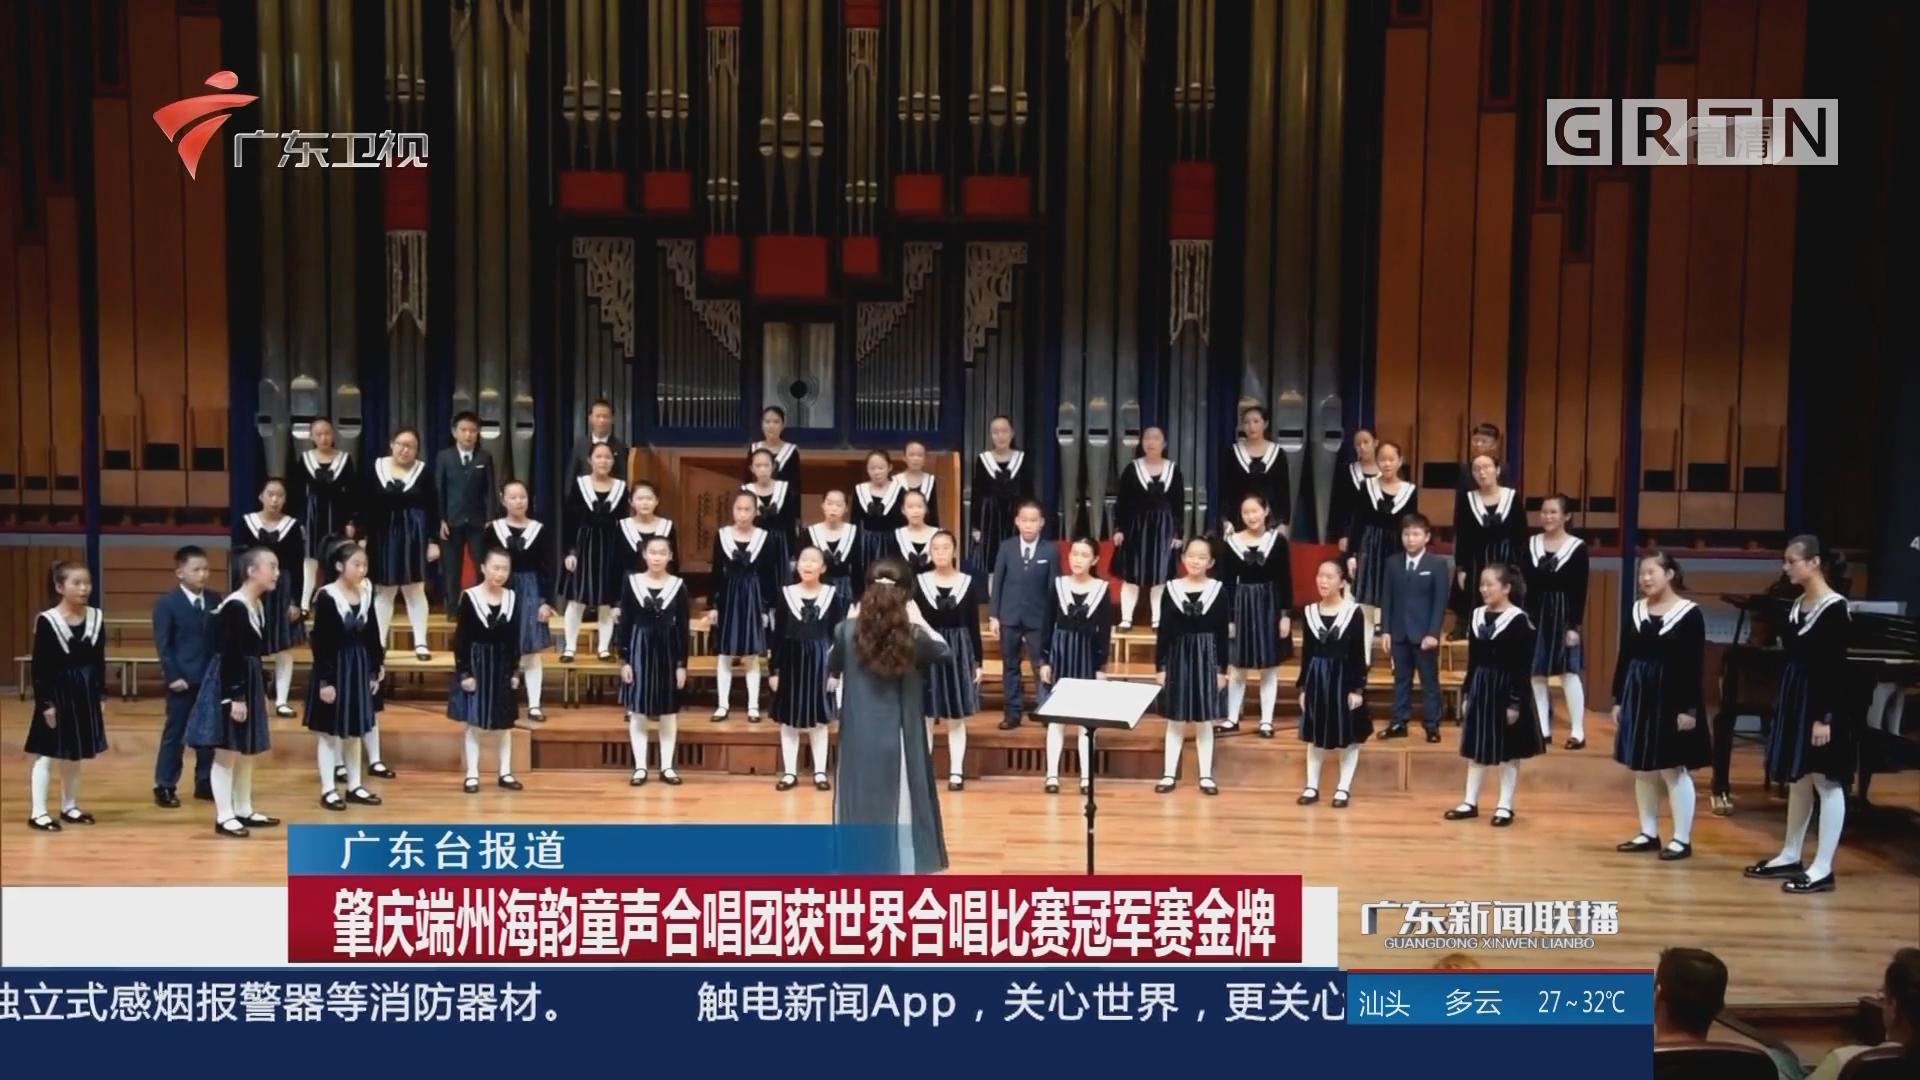 肇庆端州海韵童声合唱团获世界合唱比赛冠军赛金牌